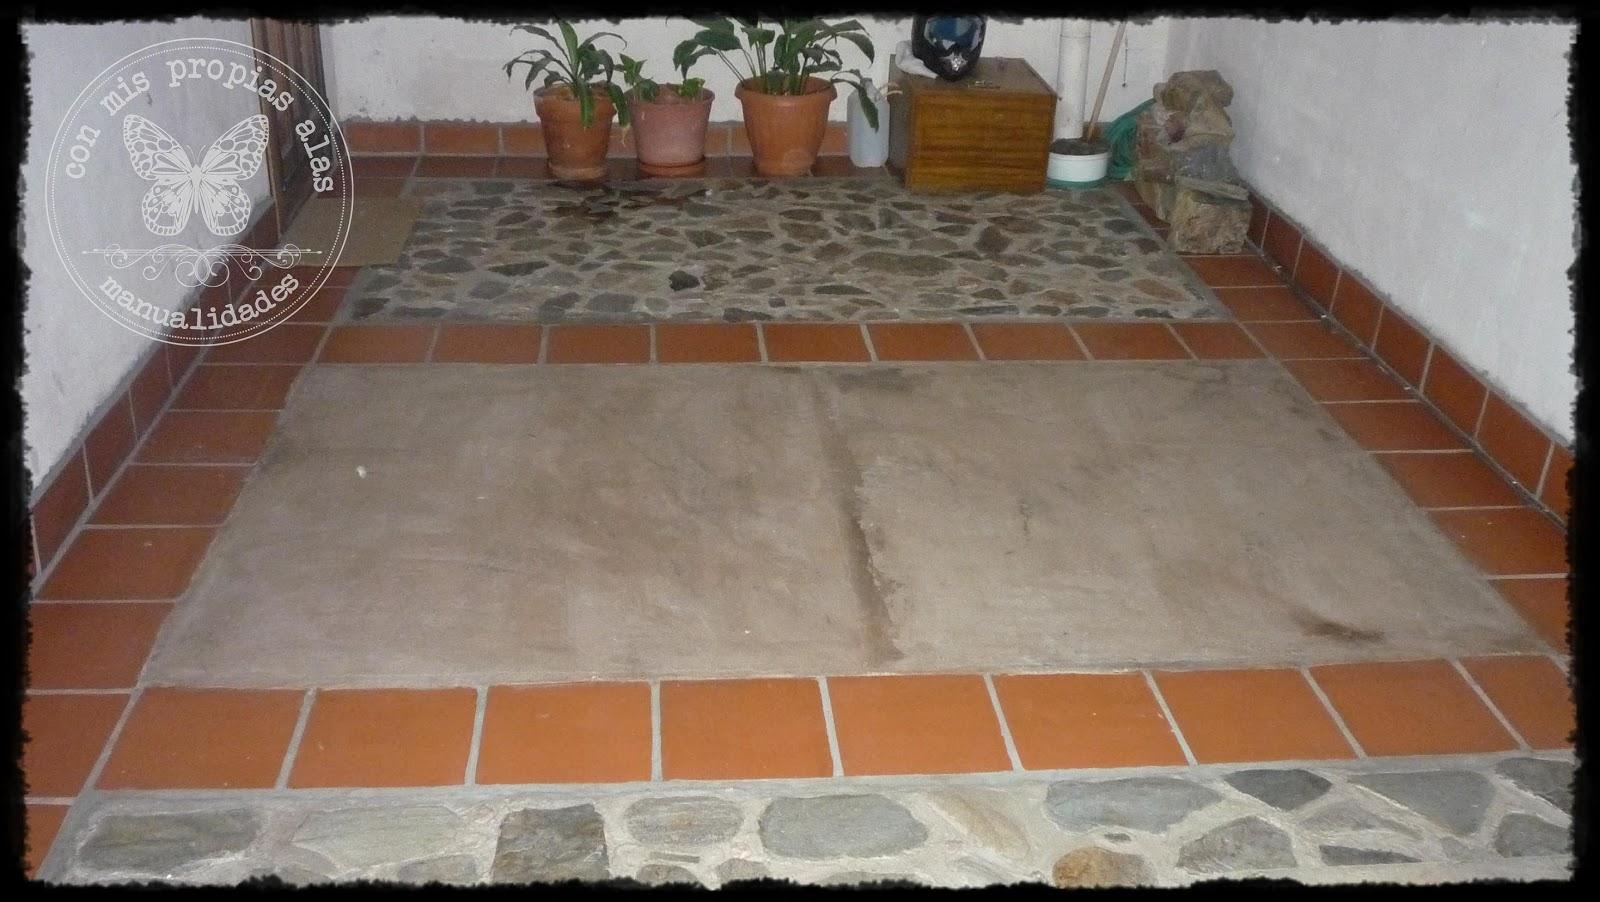 23 noviembre 2012 for Pisos para cochera